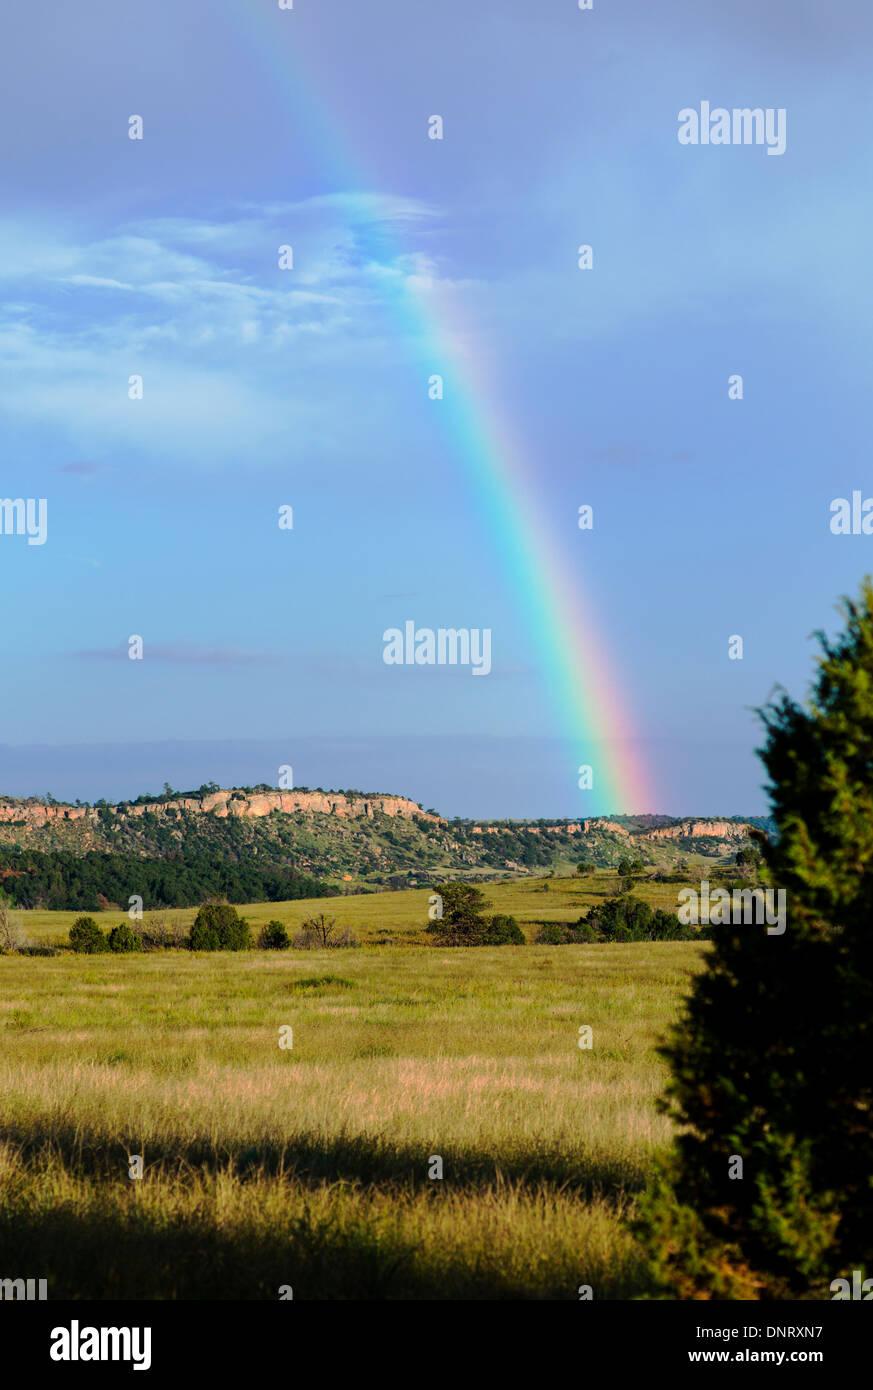 Rainbow over fields south of Colorado Springs, Colorado, USA - Stock Image